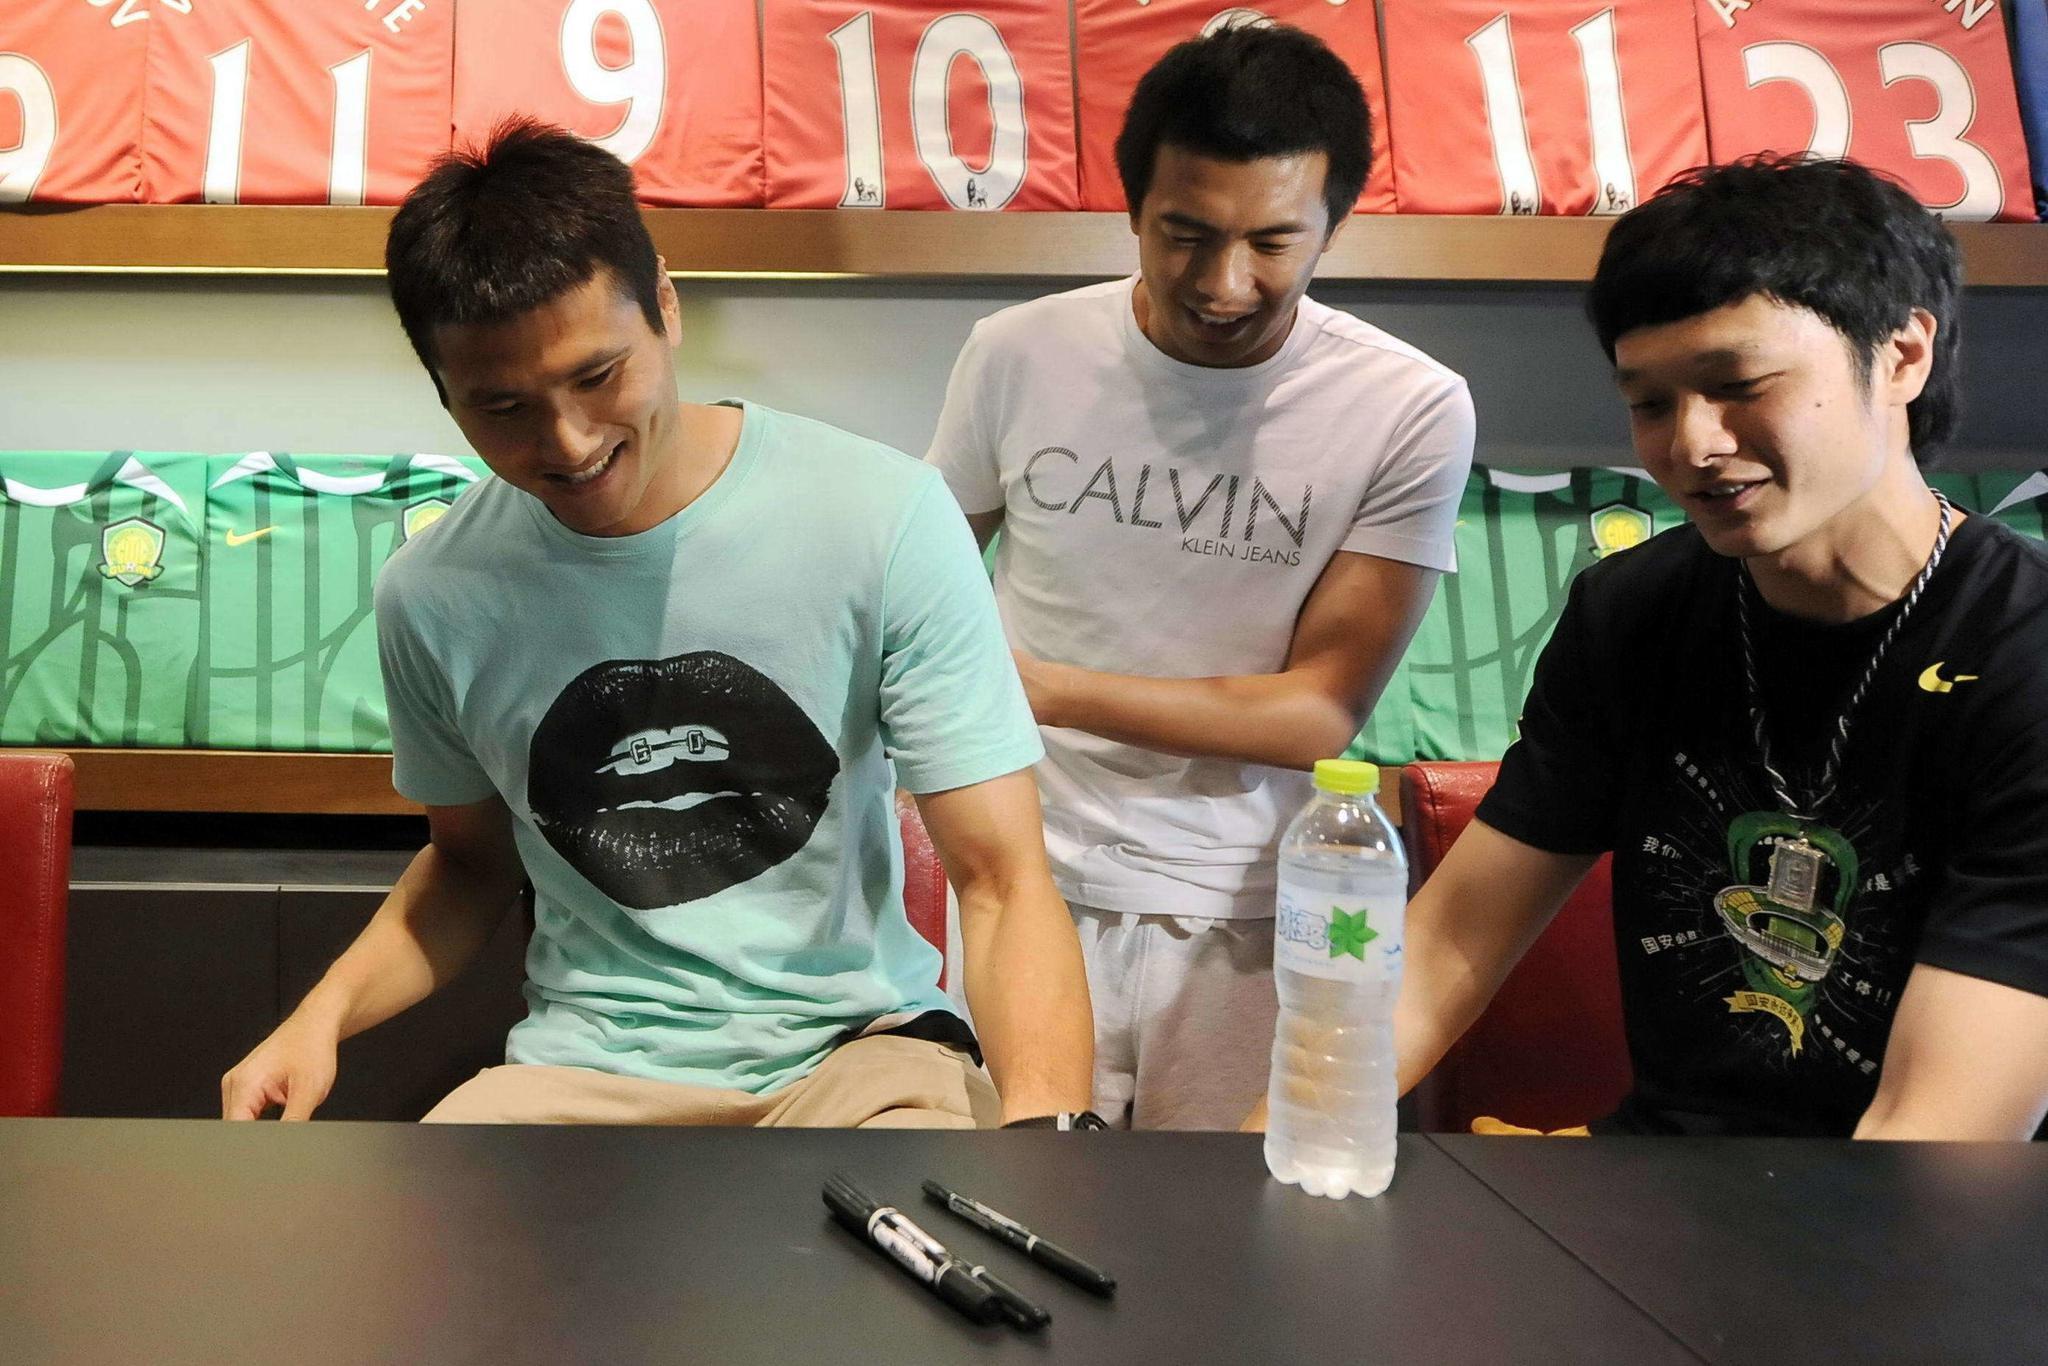 邵佳一:国安多次挽留过杨智,他退役是全国球迷的损失